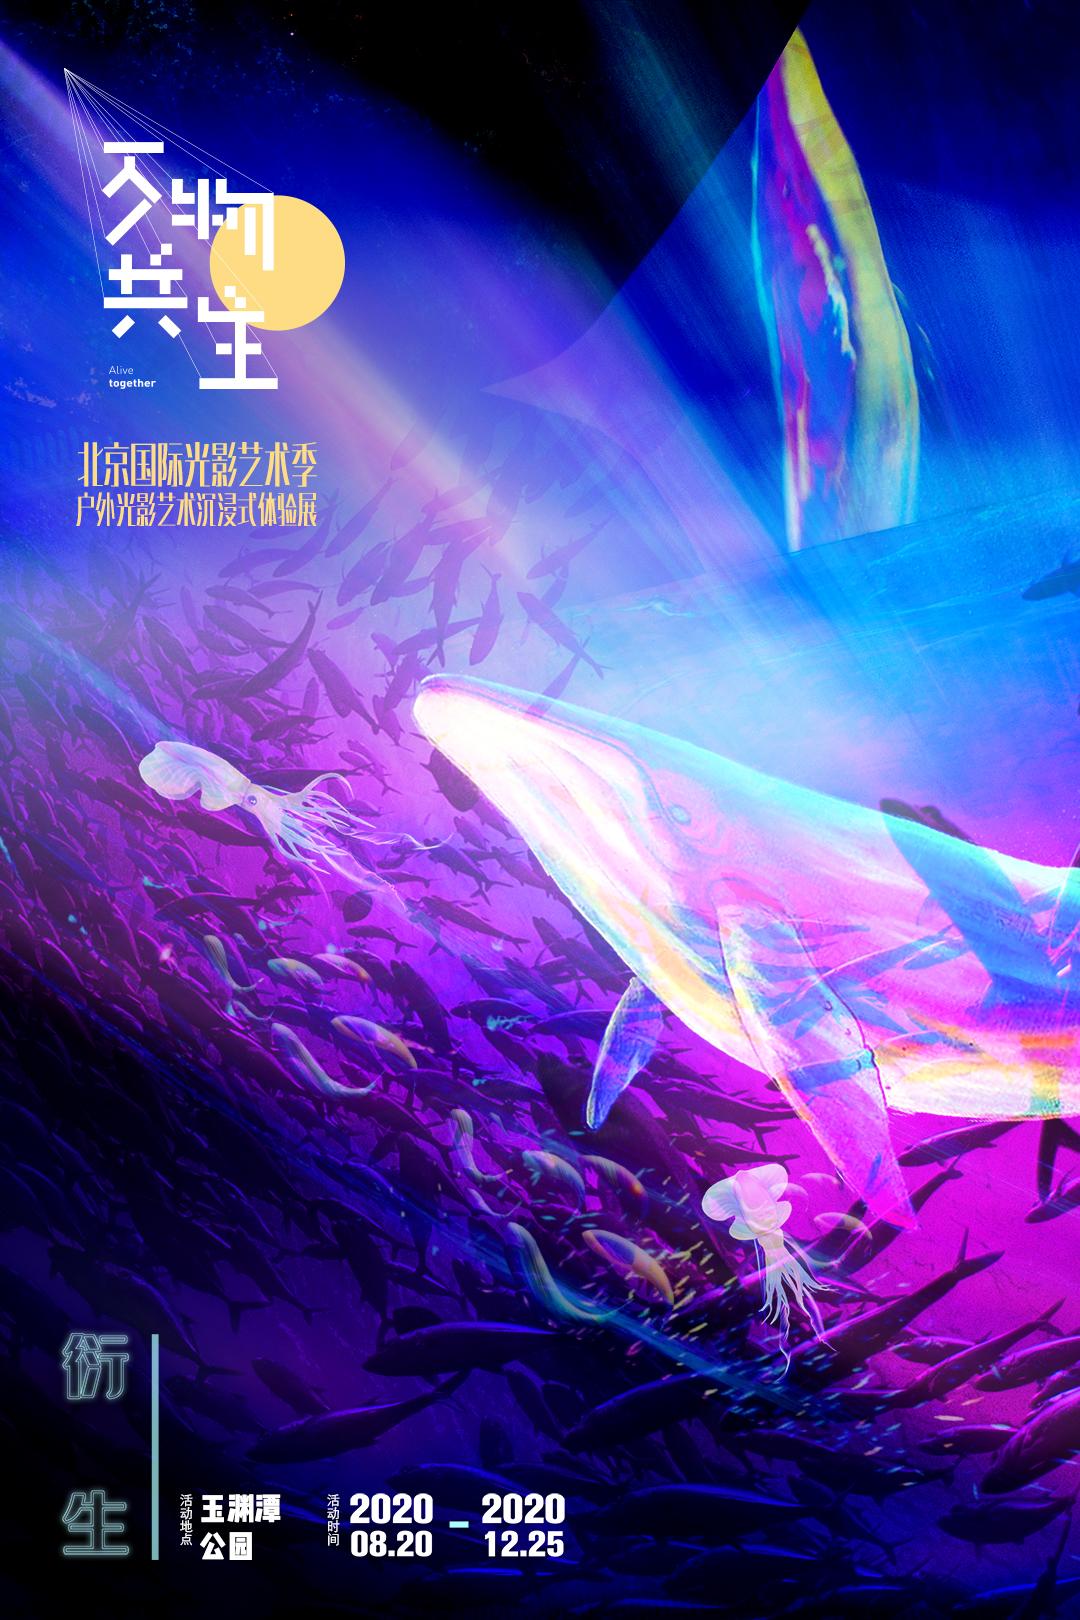 北京万物共生艺术展